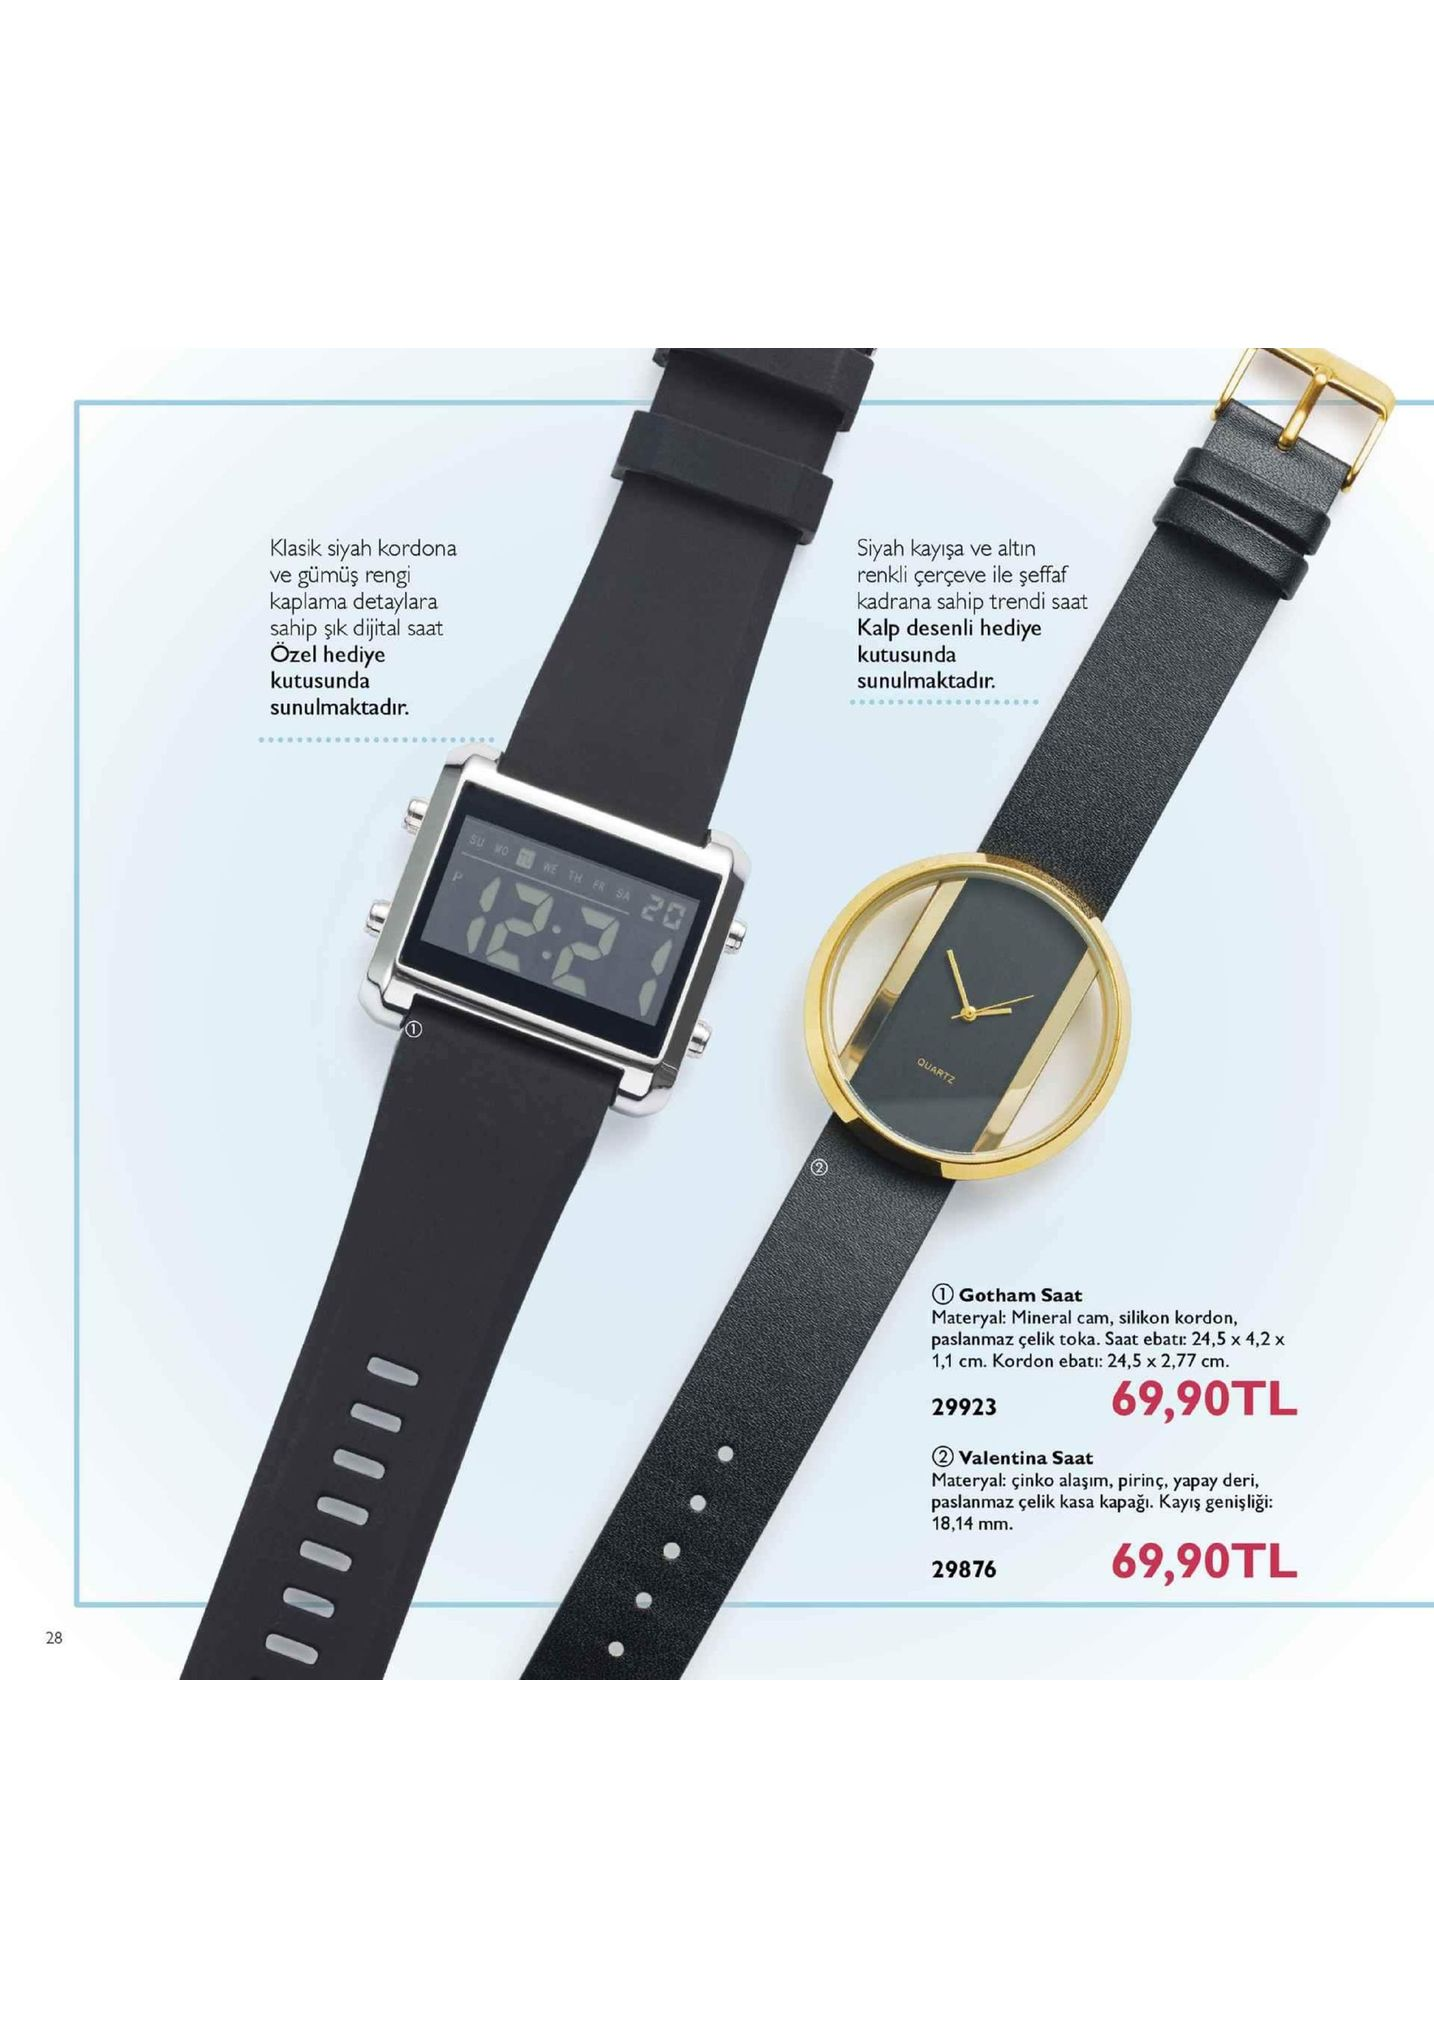 klasik siyah kordona ve gümüş rengi kaplama detaylara sahip şık dijital saat özel hediye kutusunda sunulmaktadır siyah kayışa ve altın renkli çerçeve ile şeffaf kadrana sahip trendi saat kalp desenli hediye kutusunda sunulmaktadır. quartz 1 gotham saat materyal: mineral cam, silikon kordon, paslanmaz çelik toka. saat ebat: 24,5 x 4,2 x 1,1 cm. kordon ebati: 24,5 x 2,77 cm. 29923 69,90tl 2 valentina saat materyal: çinko alaşim, pirinç, yapay deri, paslanmaz çelik kasa kapağı. kayış genişliği: 18,14 mm. 29876 69,90tl 28